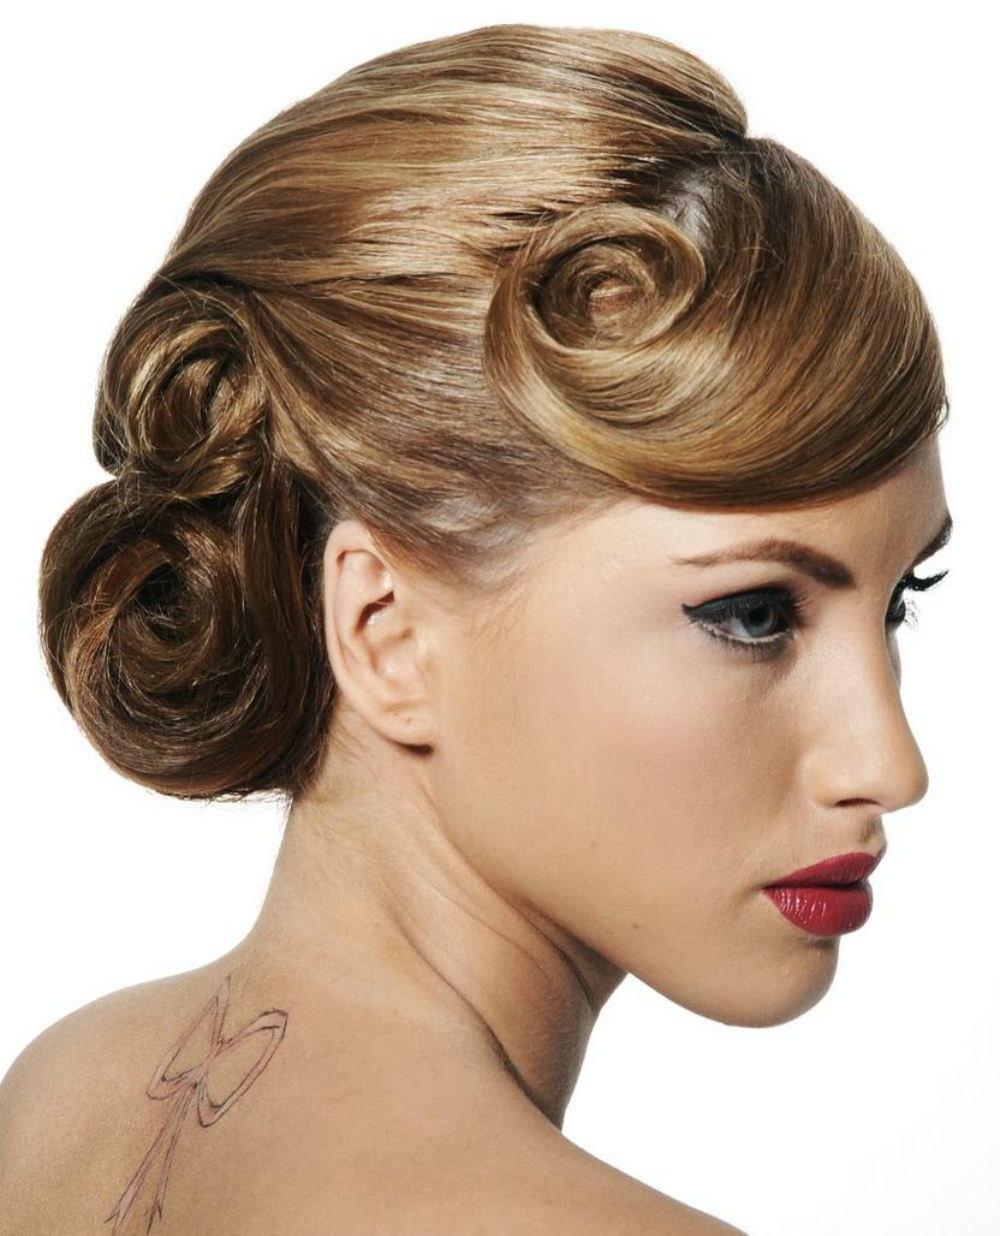 впервые, прически на средние волосы фото женские вечерние для